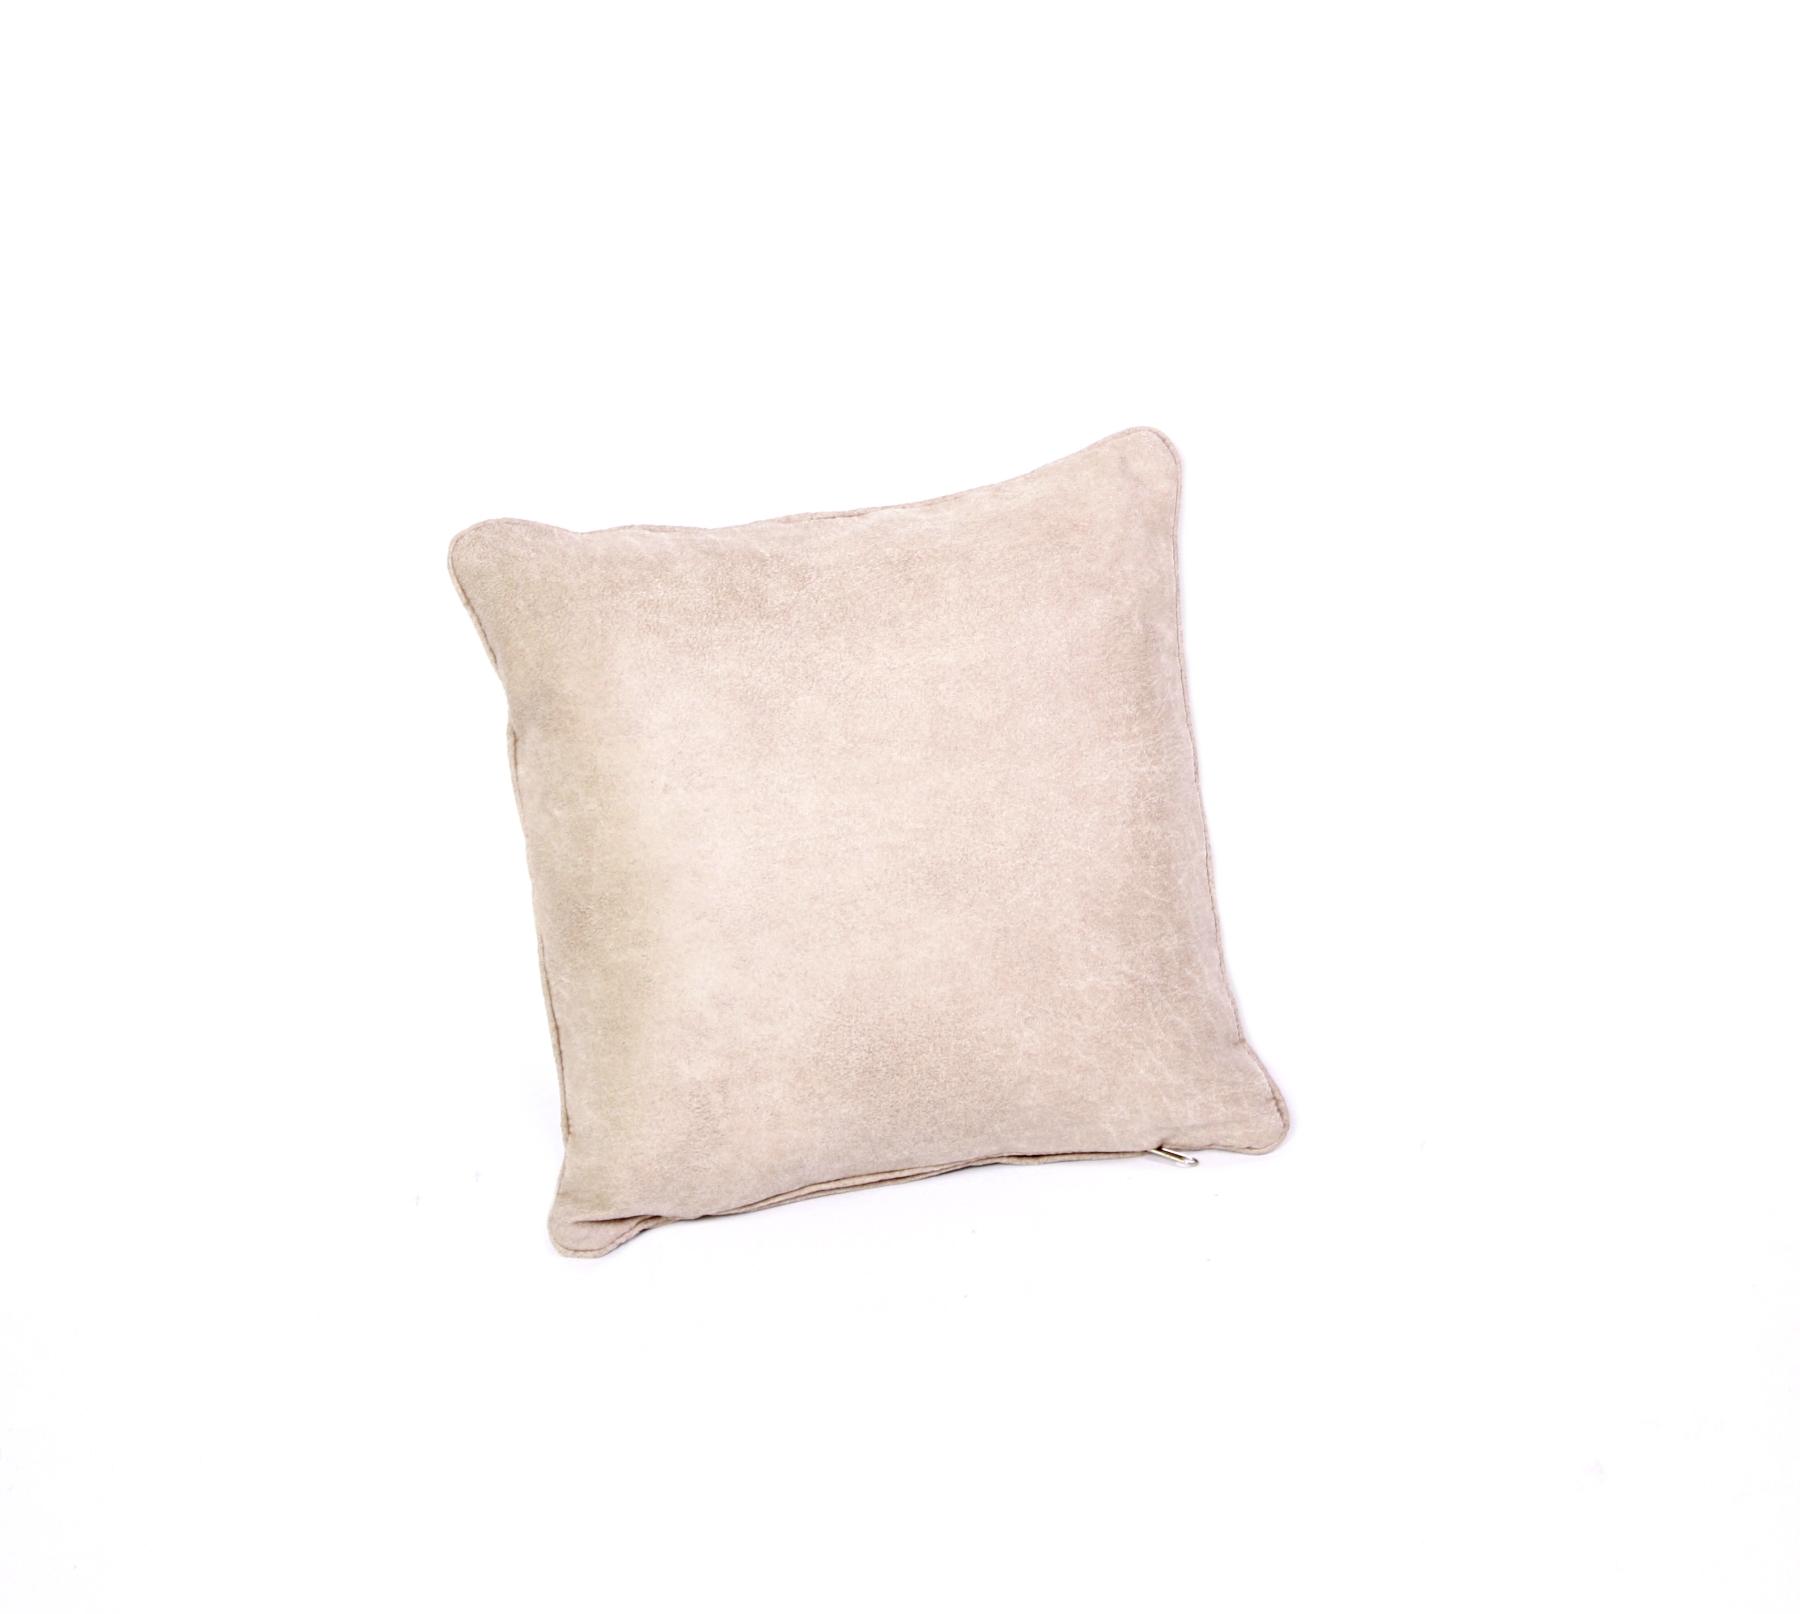 dekokissen beige dekokissen kissen hirsch deko beige ca x. Black Bedroom Furniture Sets. Home Design Ideas